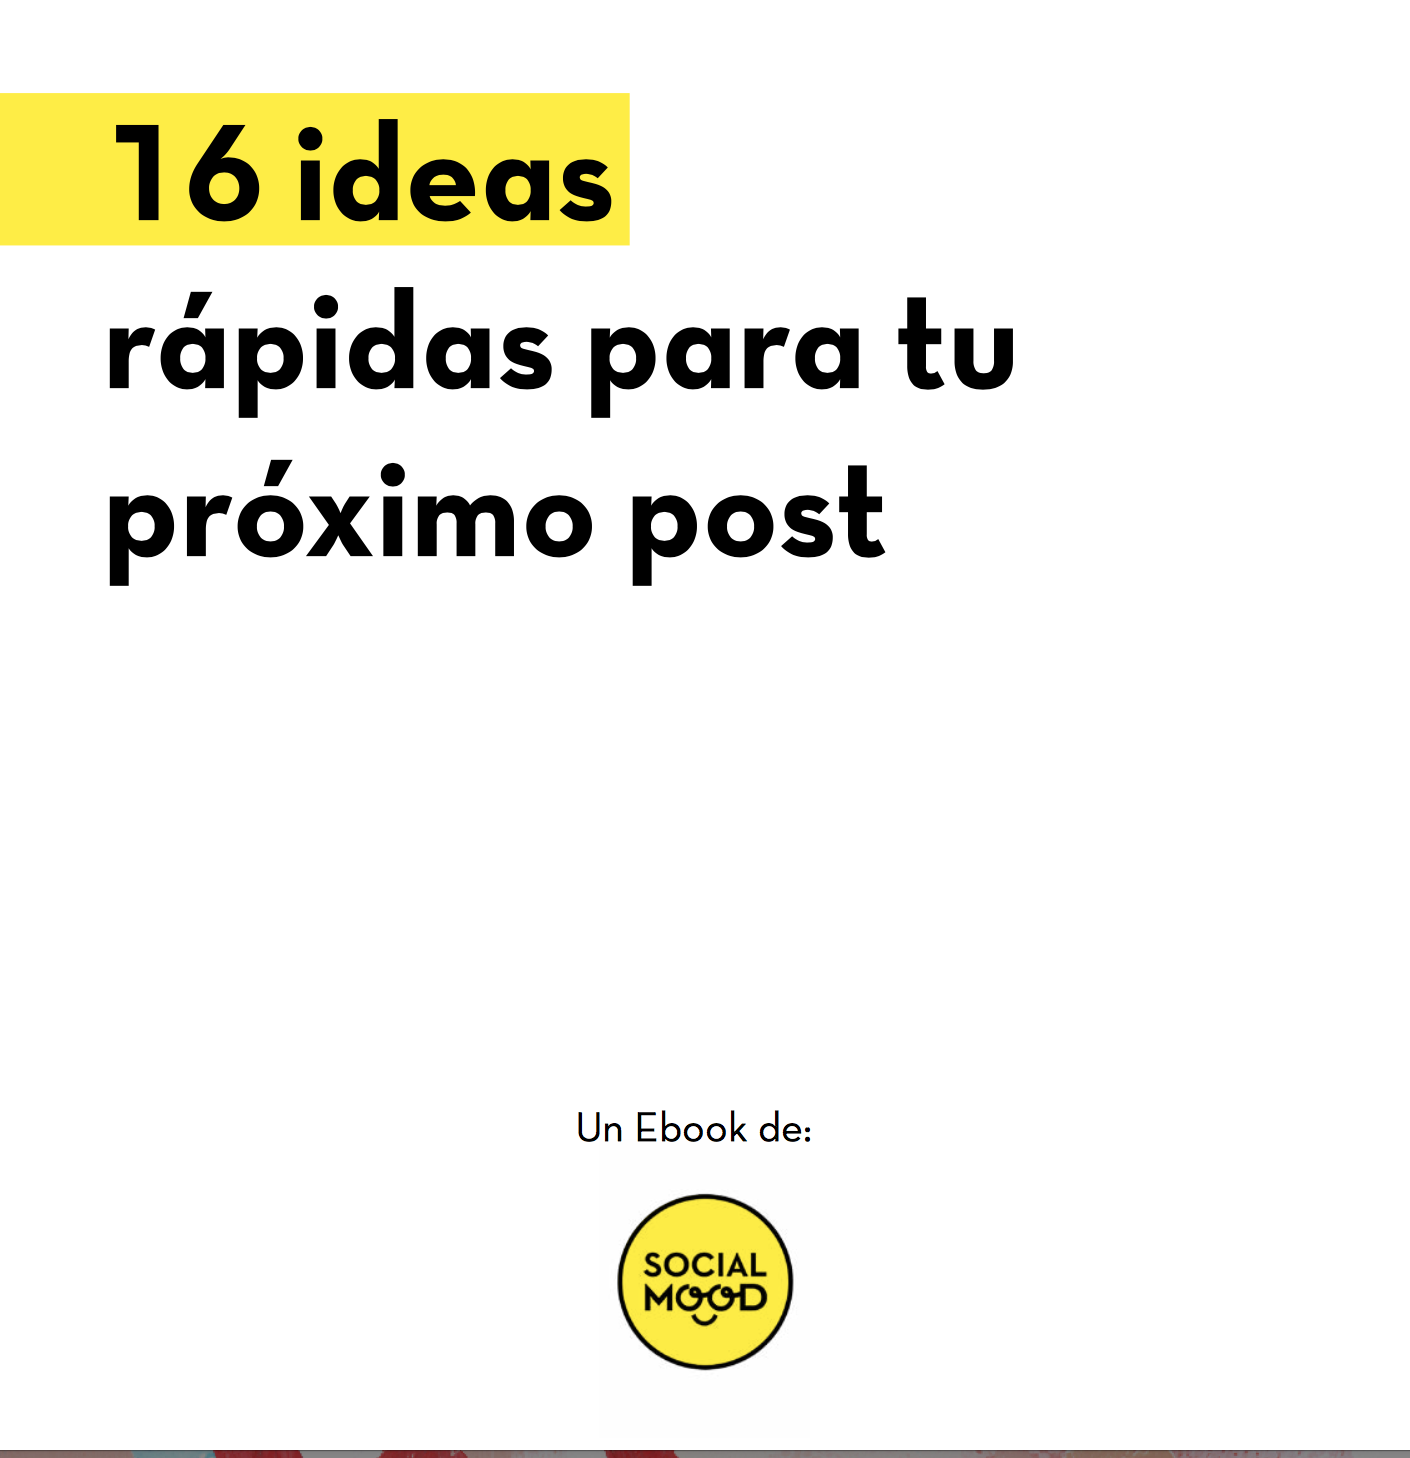 ebooks di content marketing